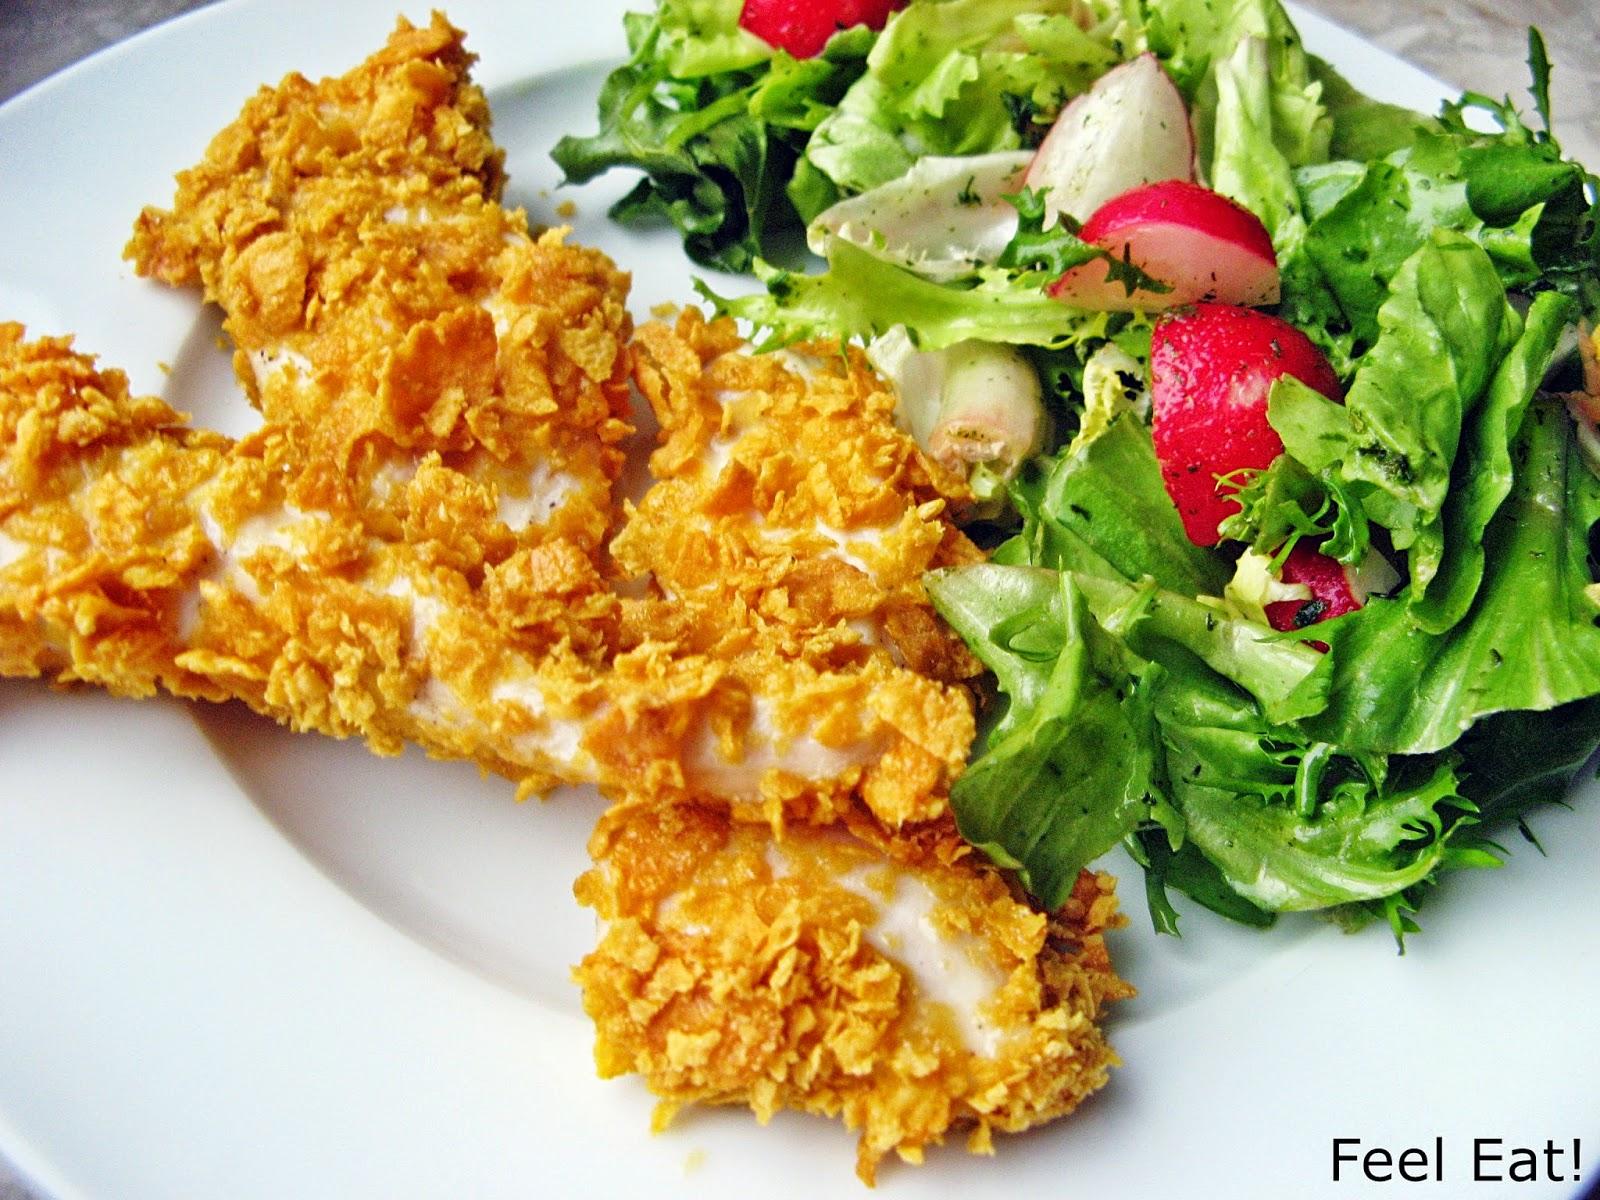 IMG 1747 - Domowy fast food, czyli pieczone nuggetsy w pełnoziarnistej, chrupiącej ''panierce'' :)